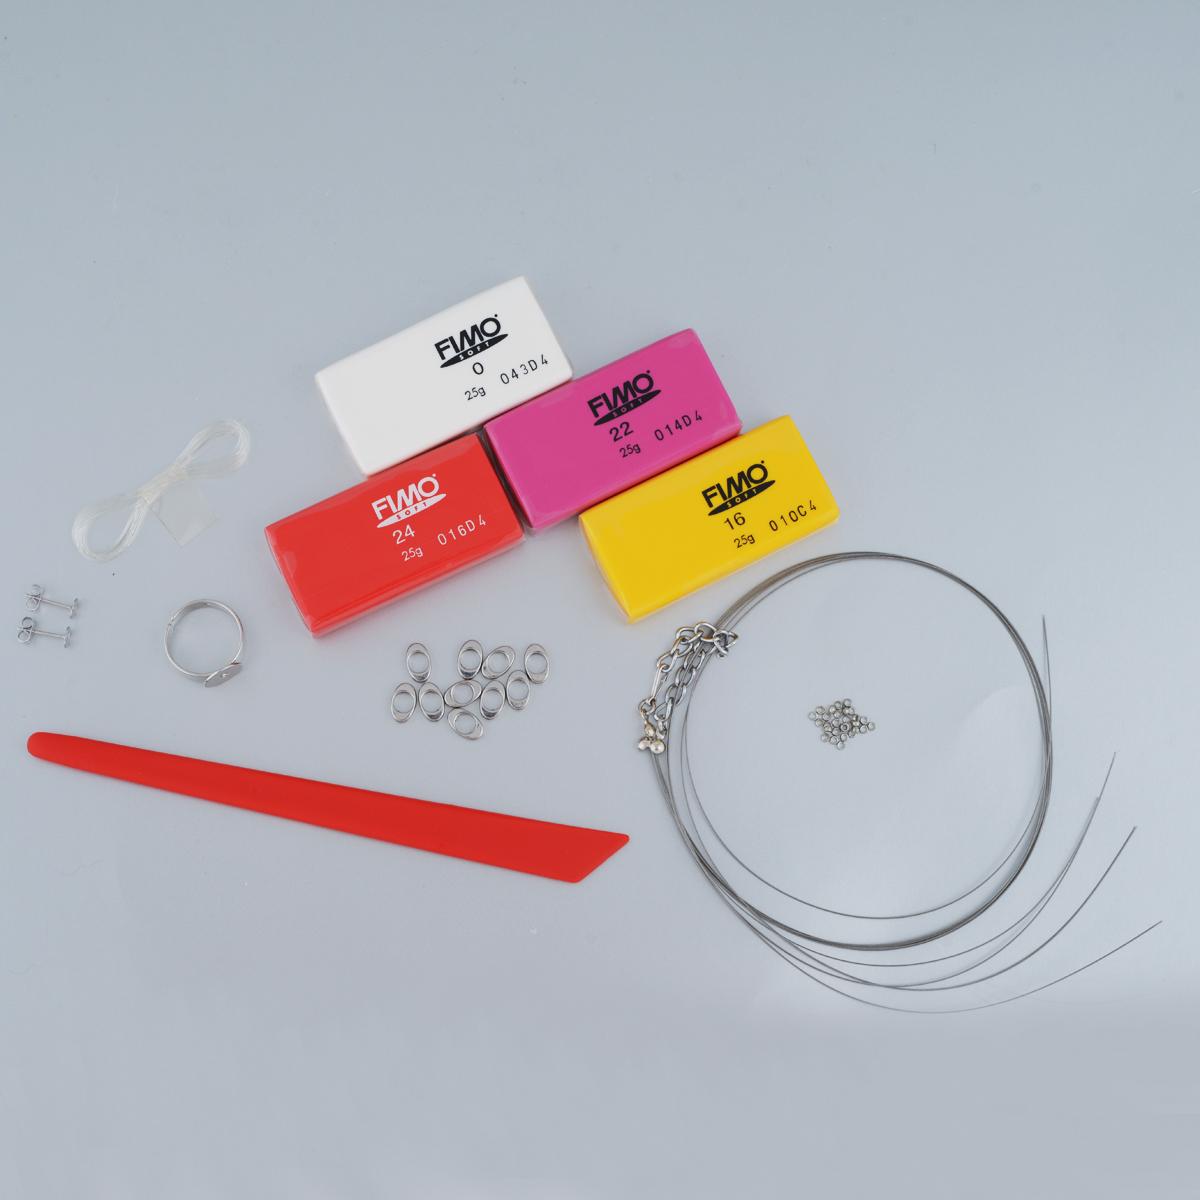 Набор для создания украшений Fimo Красные мечты8023-86Набор для создания украшений Fimo Красные мечты позволит своими руками сделать изысканные украшения, которые дополнят и подчеркнут ваш образ. В этот комплект входит все необходимое для создания украшений, в том числе и пошаговые инструкции. За небольшой период времени вы сможете преобразить эффектные цвета и замечательные идеи в своеобразное украшение, которое вызовет у многих восхищение! Глина, входящая в состав набора, обладает отличными пластичными свойствами, хорошо размягчается и лепится, цвета легко смешиваются между собой, благодаря чему можно создать огромное количество поделок любых оттенков. В домашних условиях готовое изделие выпекается в духовом шкафу при температуре 110°С в течении 15-30 минут. Отвердевшие изделия могут быть раскрашены акриловыми красками, покрыты лаком, склеены друг с другом или с другими материалами. В набор входит: - глина Fimo Soft (25 г): 4 шт.; - металлизированная леска для ожерелья...